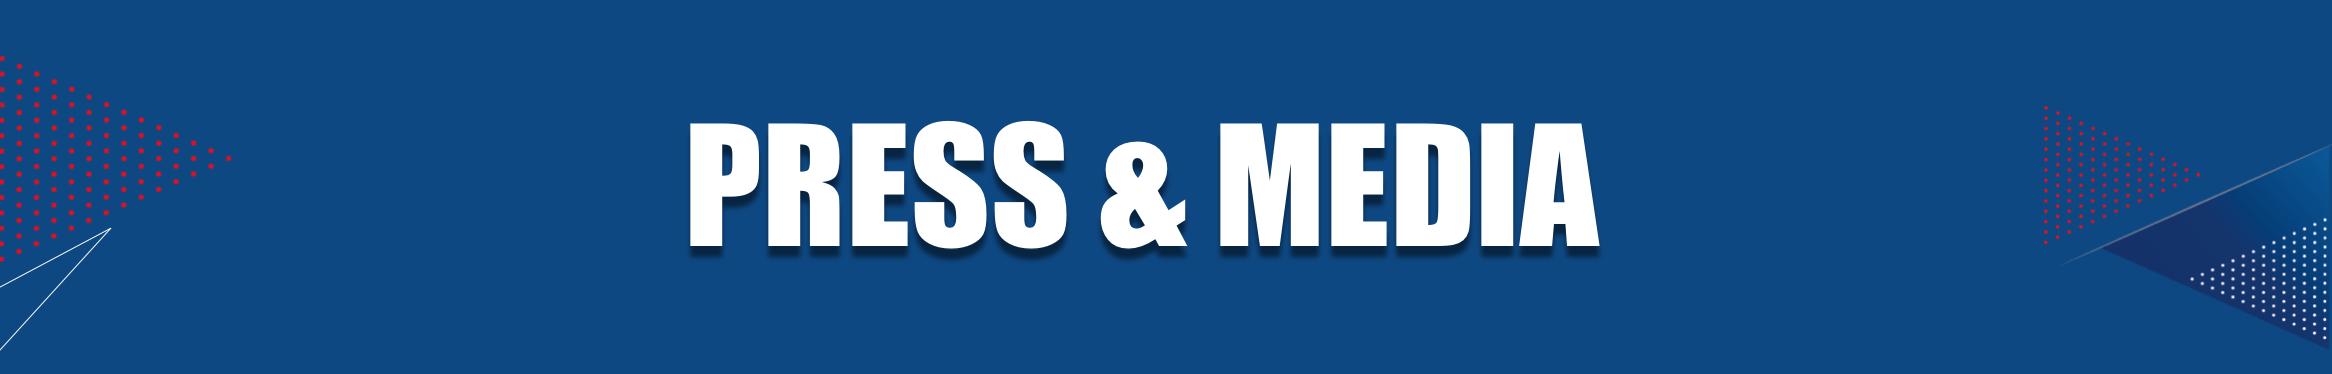 FFA - Header Press & Media